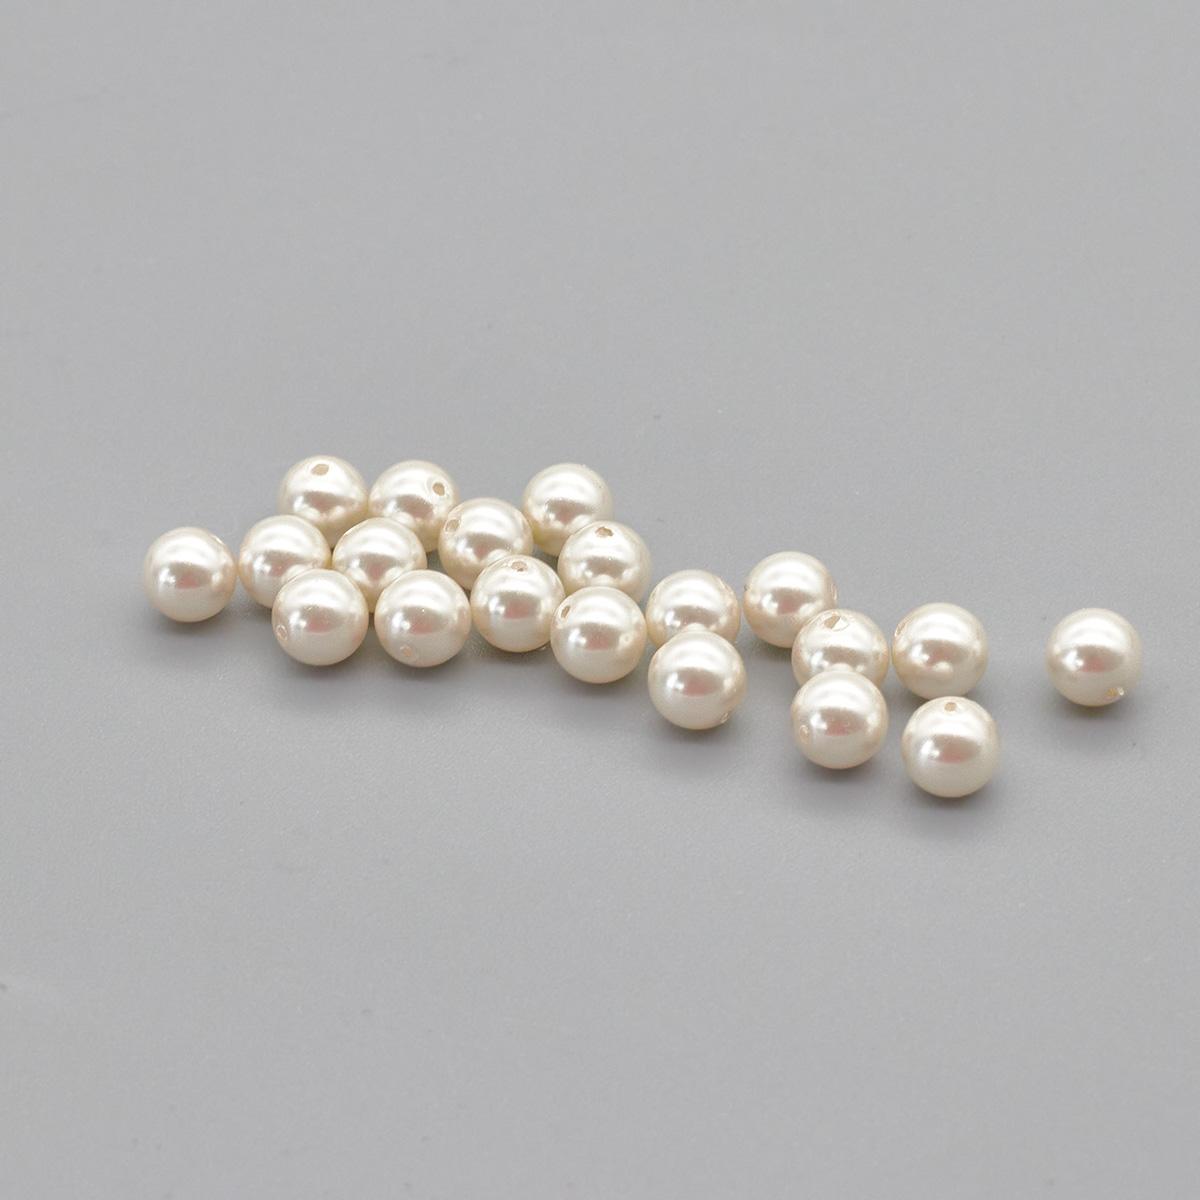 131-10-011 Хрустальный жемчуг White 6мм. 20 шт. Preciosa